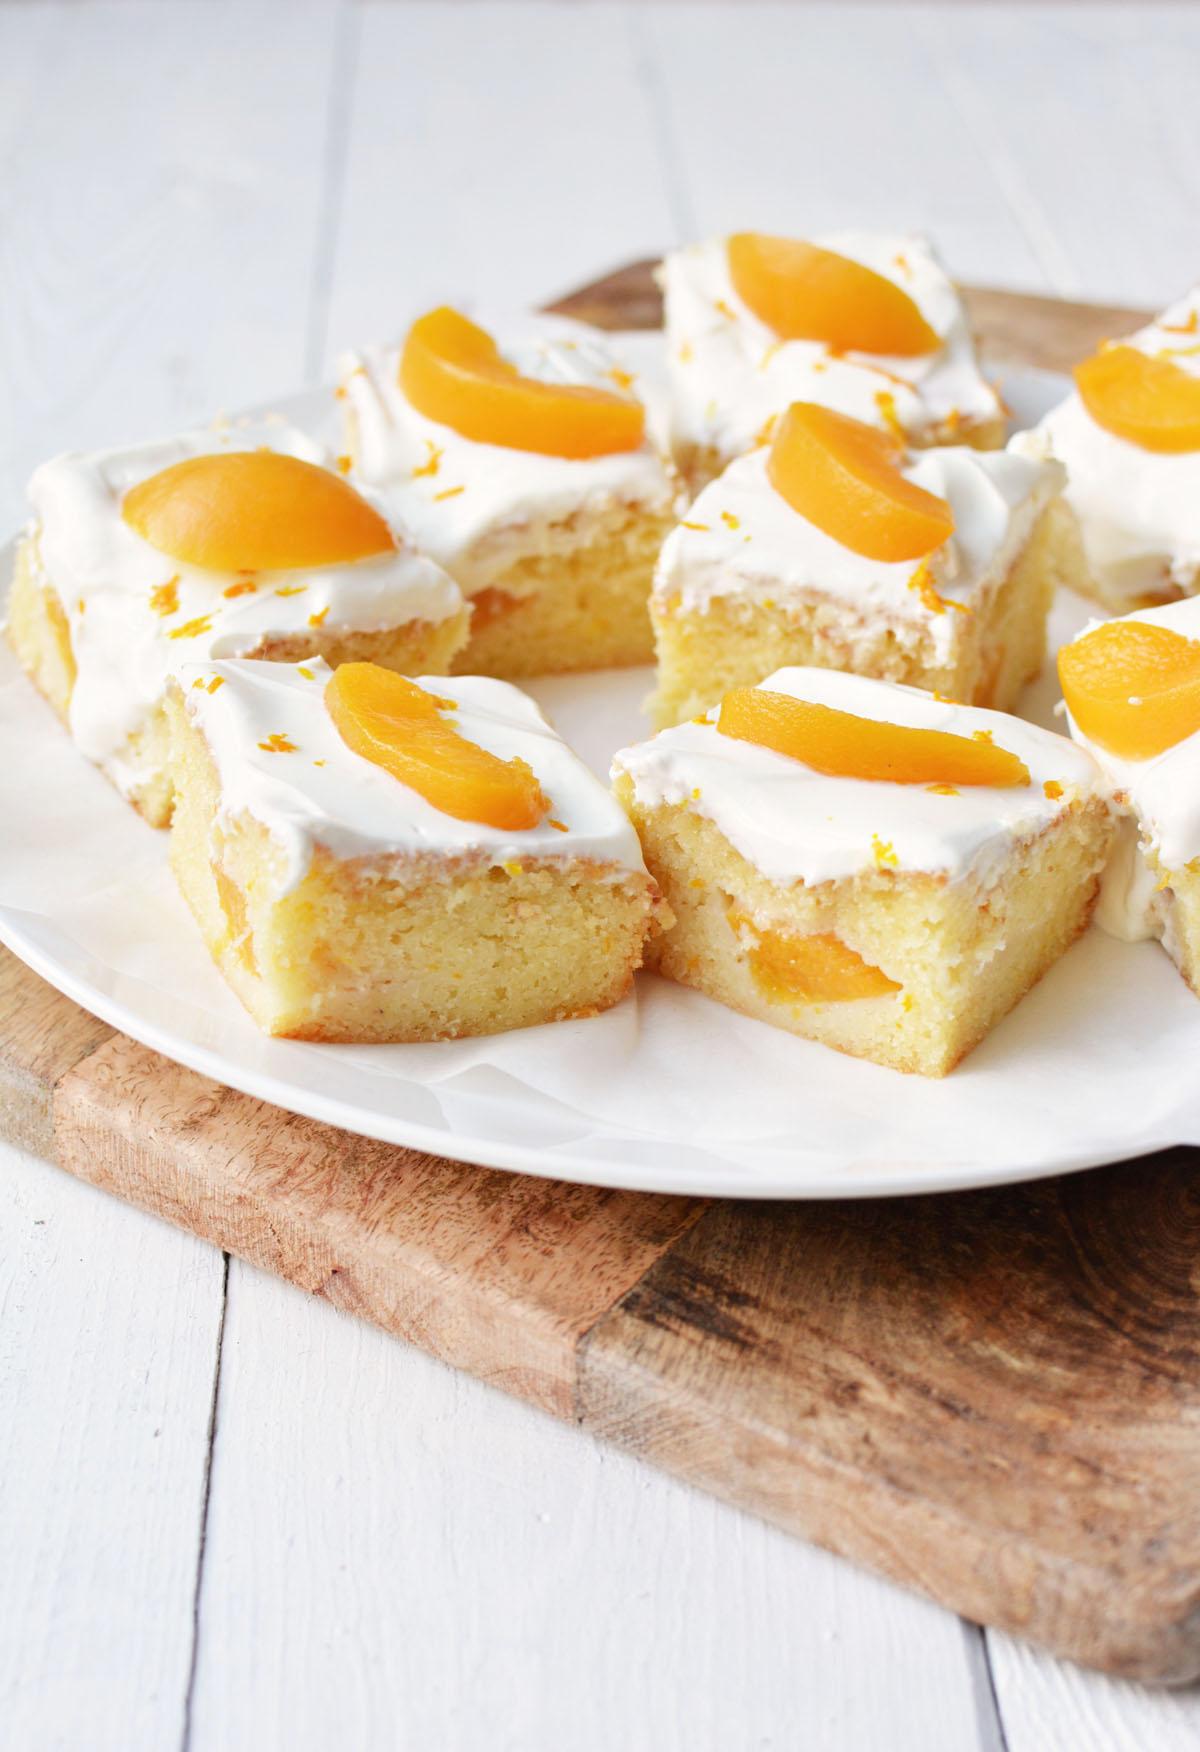 Perzik yoghurtcake met sinaasappel 3